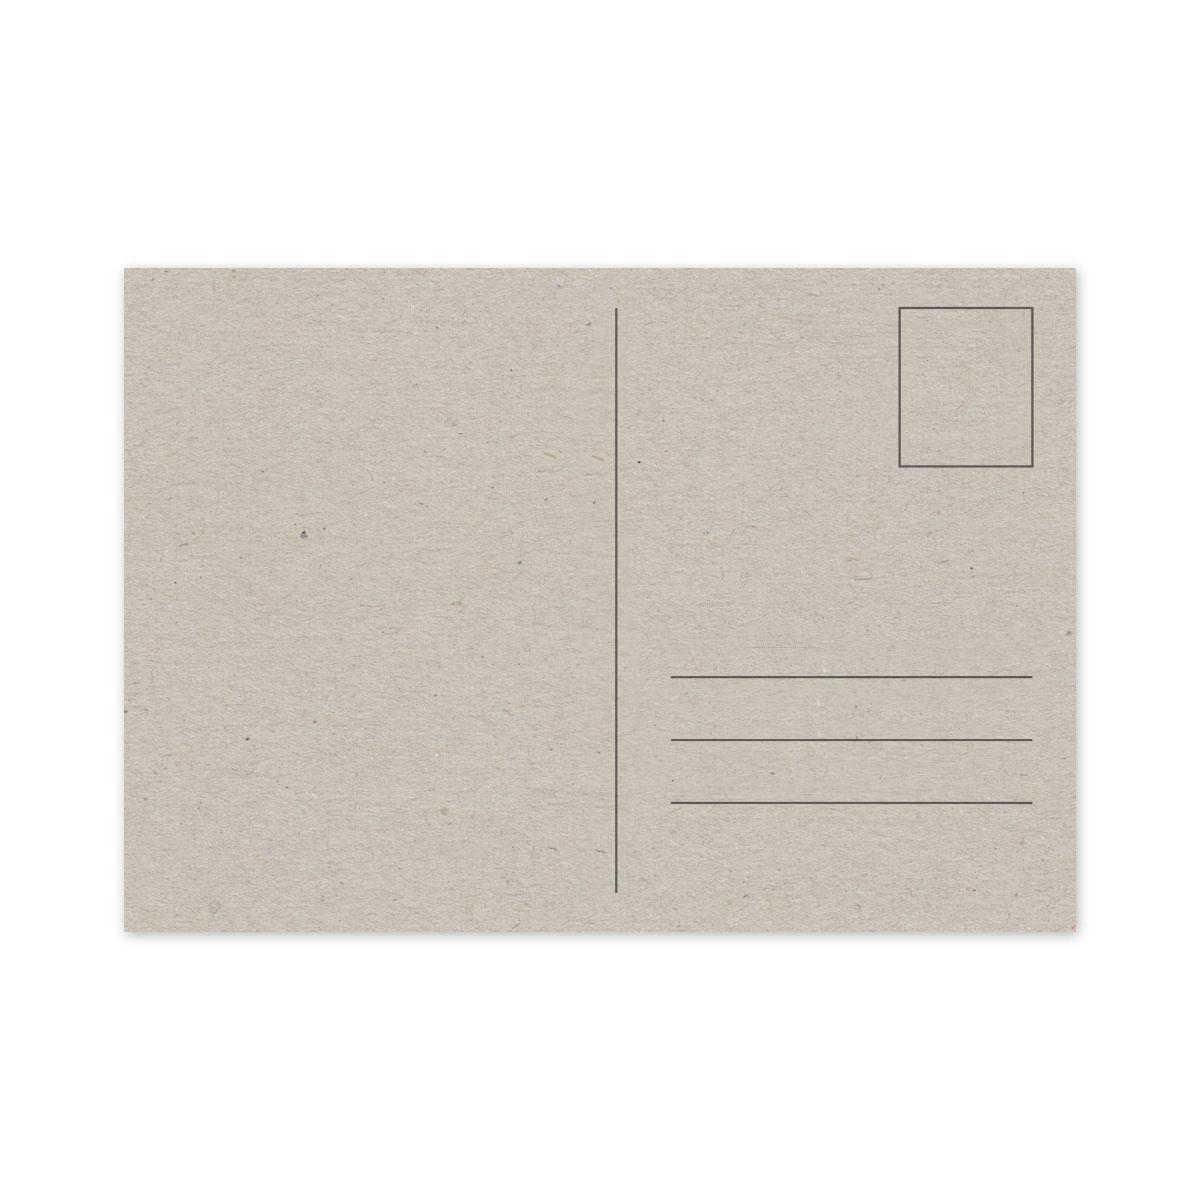 Kettshop blanko postkarten aus umweltfreundlicher - Blanko postkarten ...